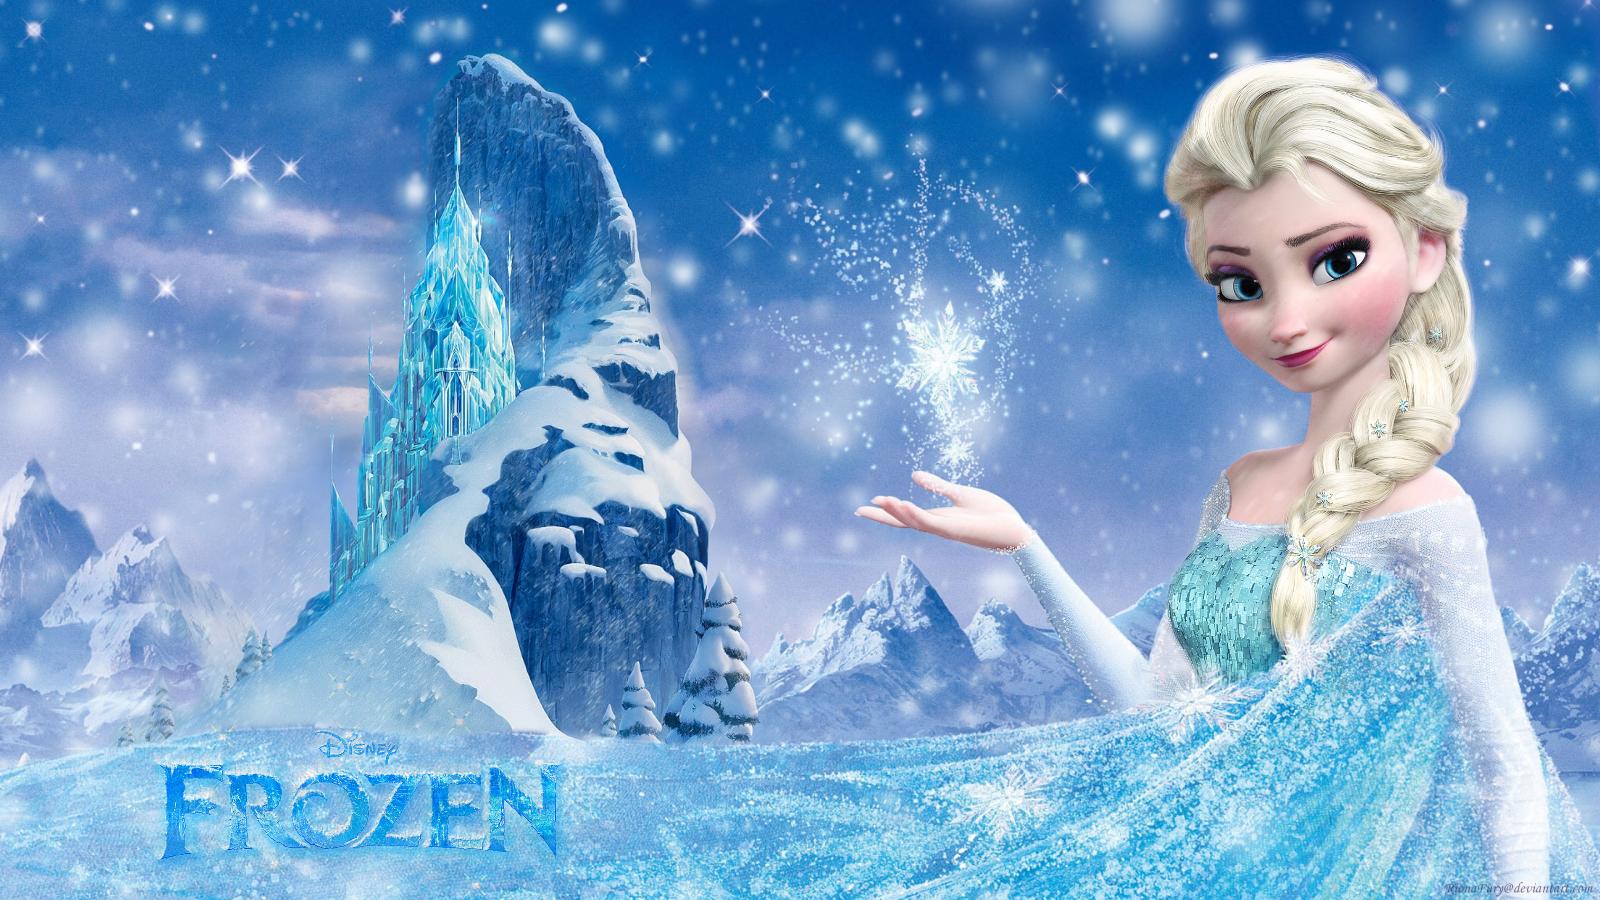 Frozen Elsa Frozen Wallpaper 37732274 Fanpop 1600x900